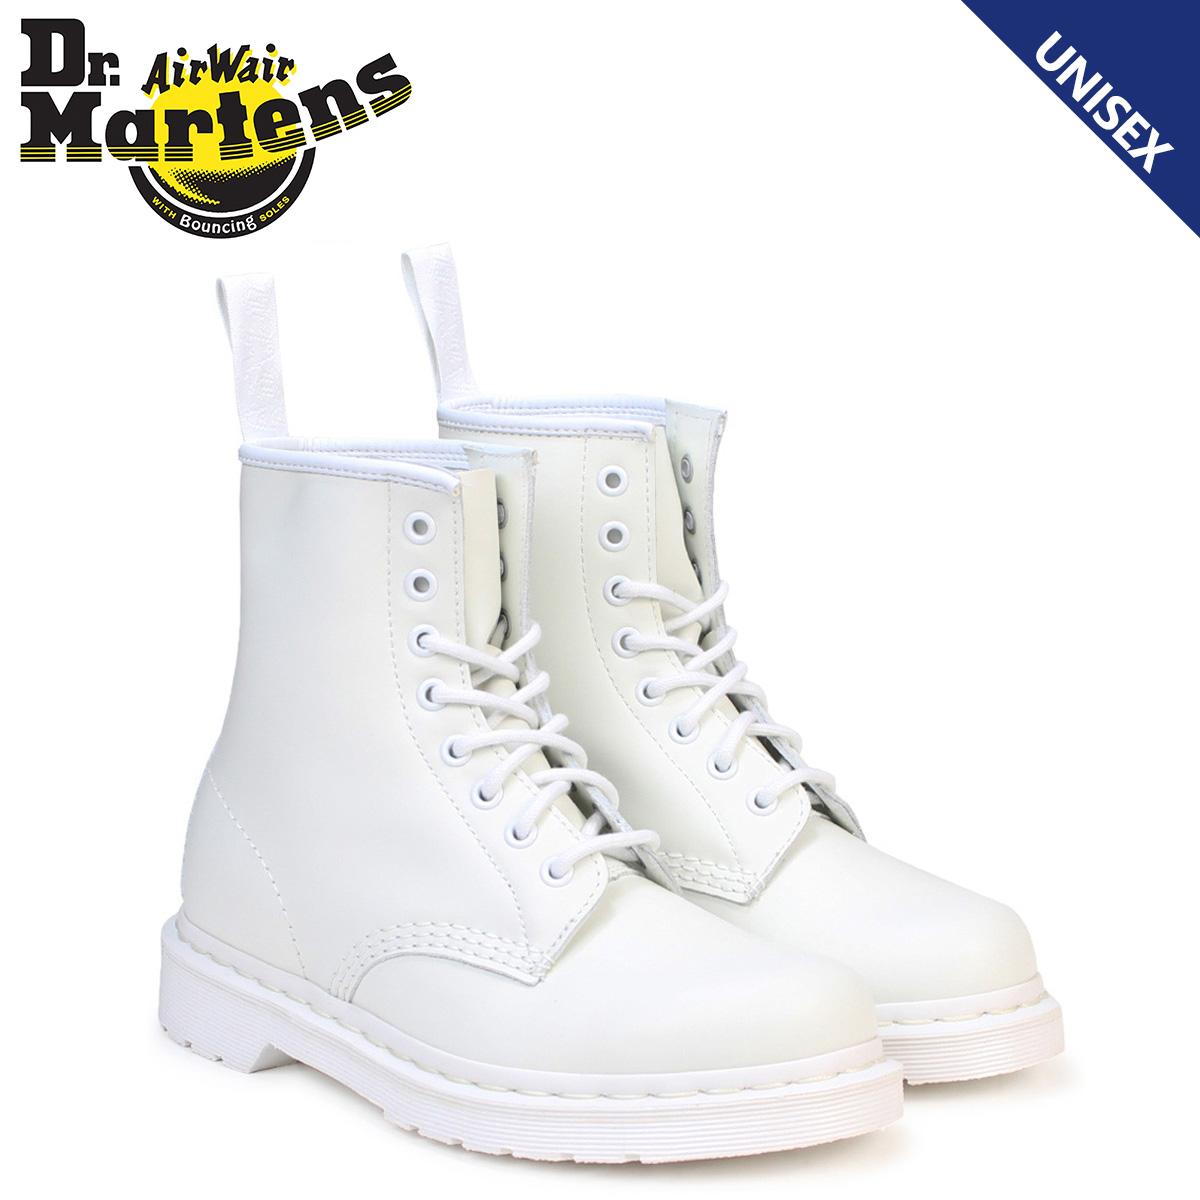 Dr.Martens 8ホール 1460 コルベット ブーツ メンズ レディース ドクターマーチン MONO 8 EYE BOOT ホワイト 白 R14357100